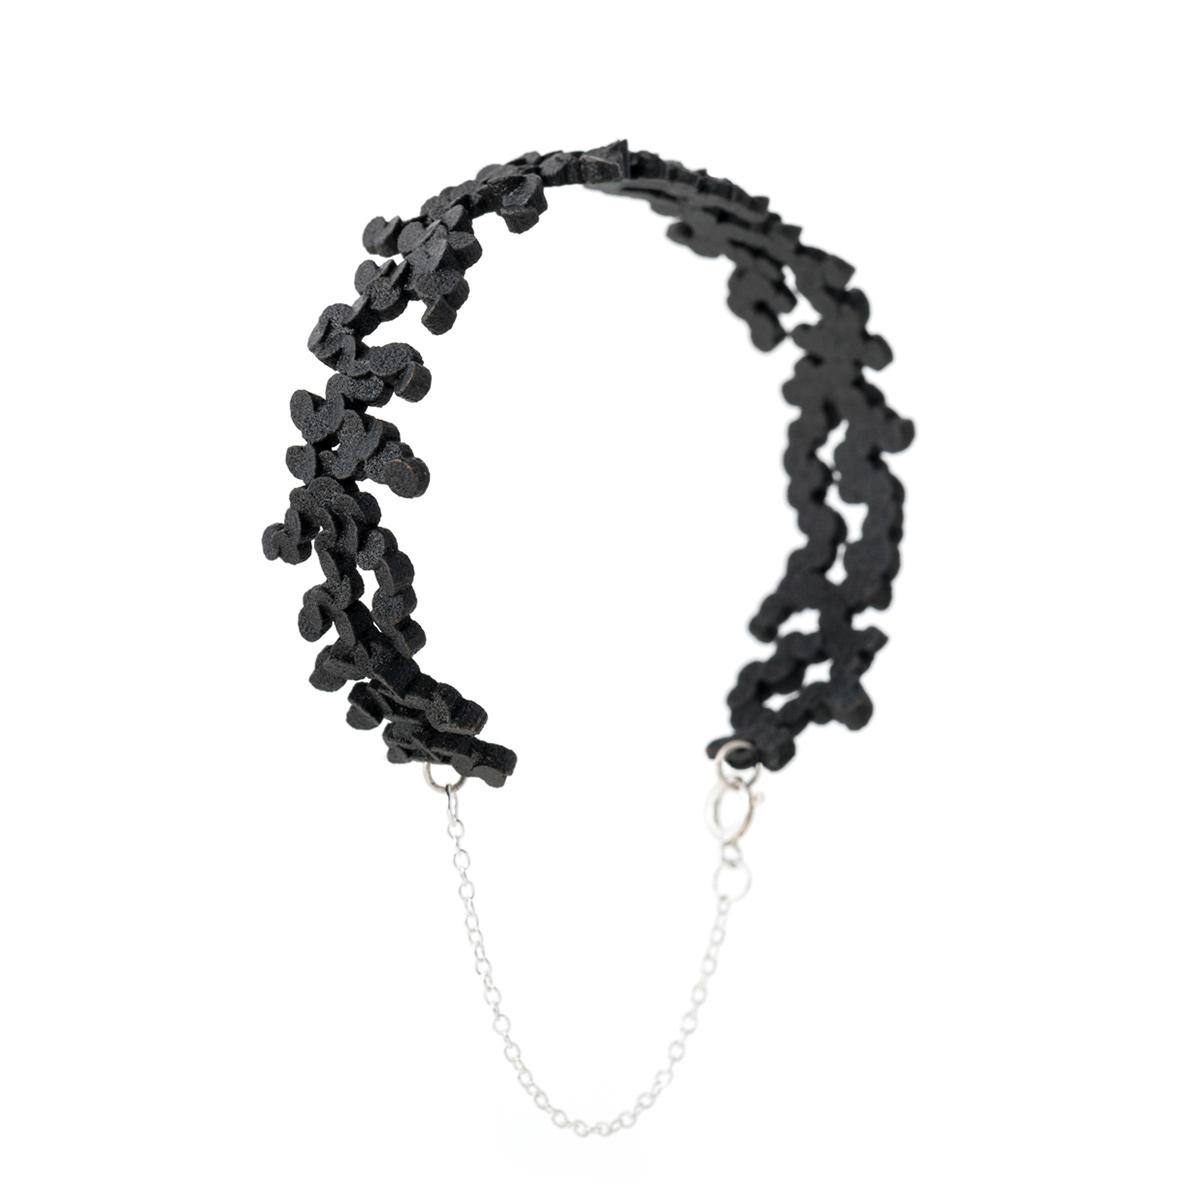 Tubii-bracelet-matte-black-steel_DSC5573-Edit